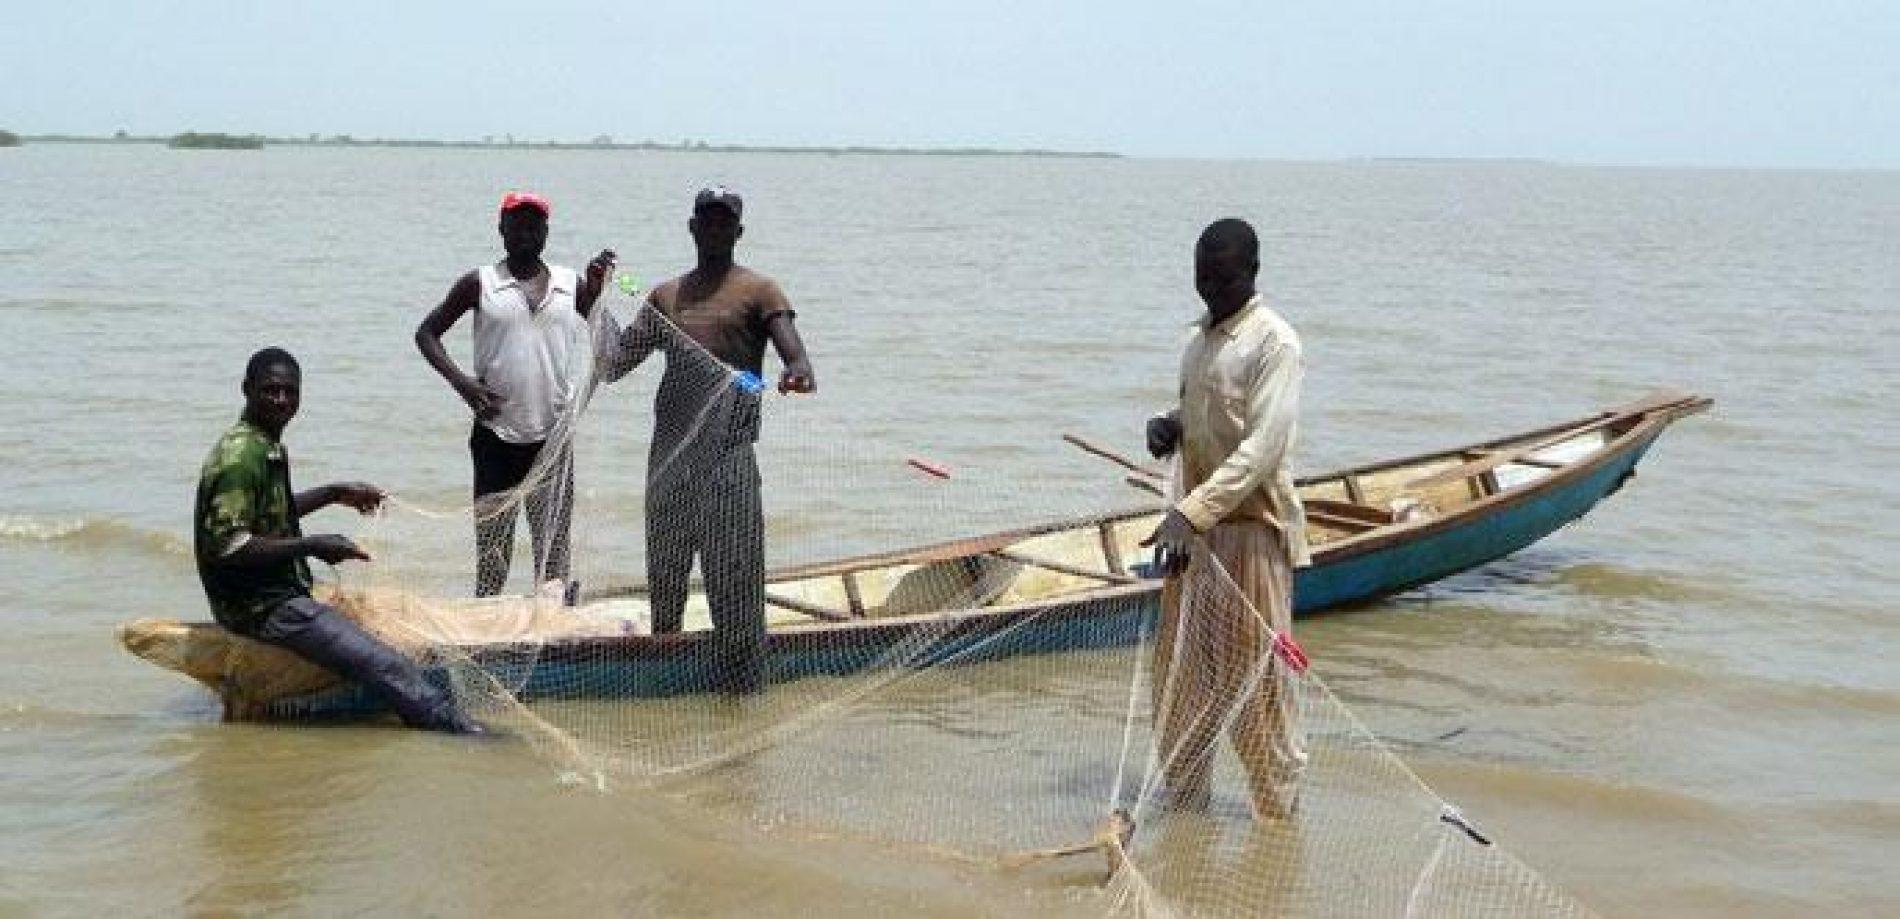 Nord -Fleuve Lagdo: Les populations satisfaites de la reprise de la pêche